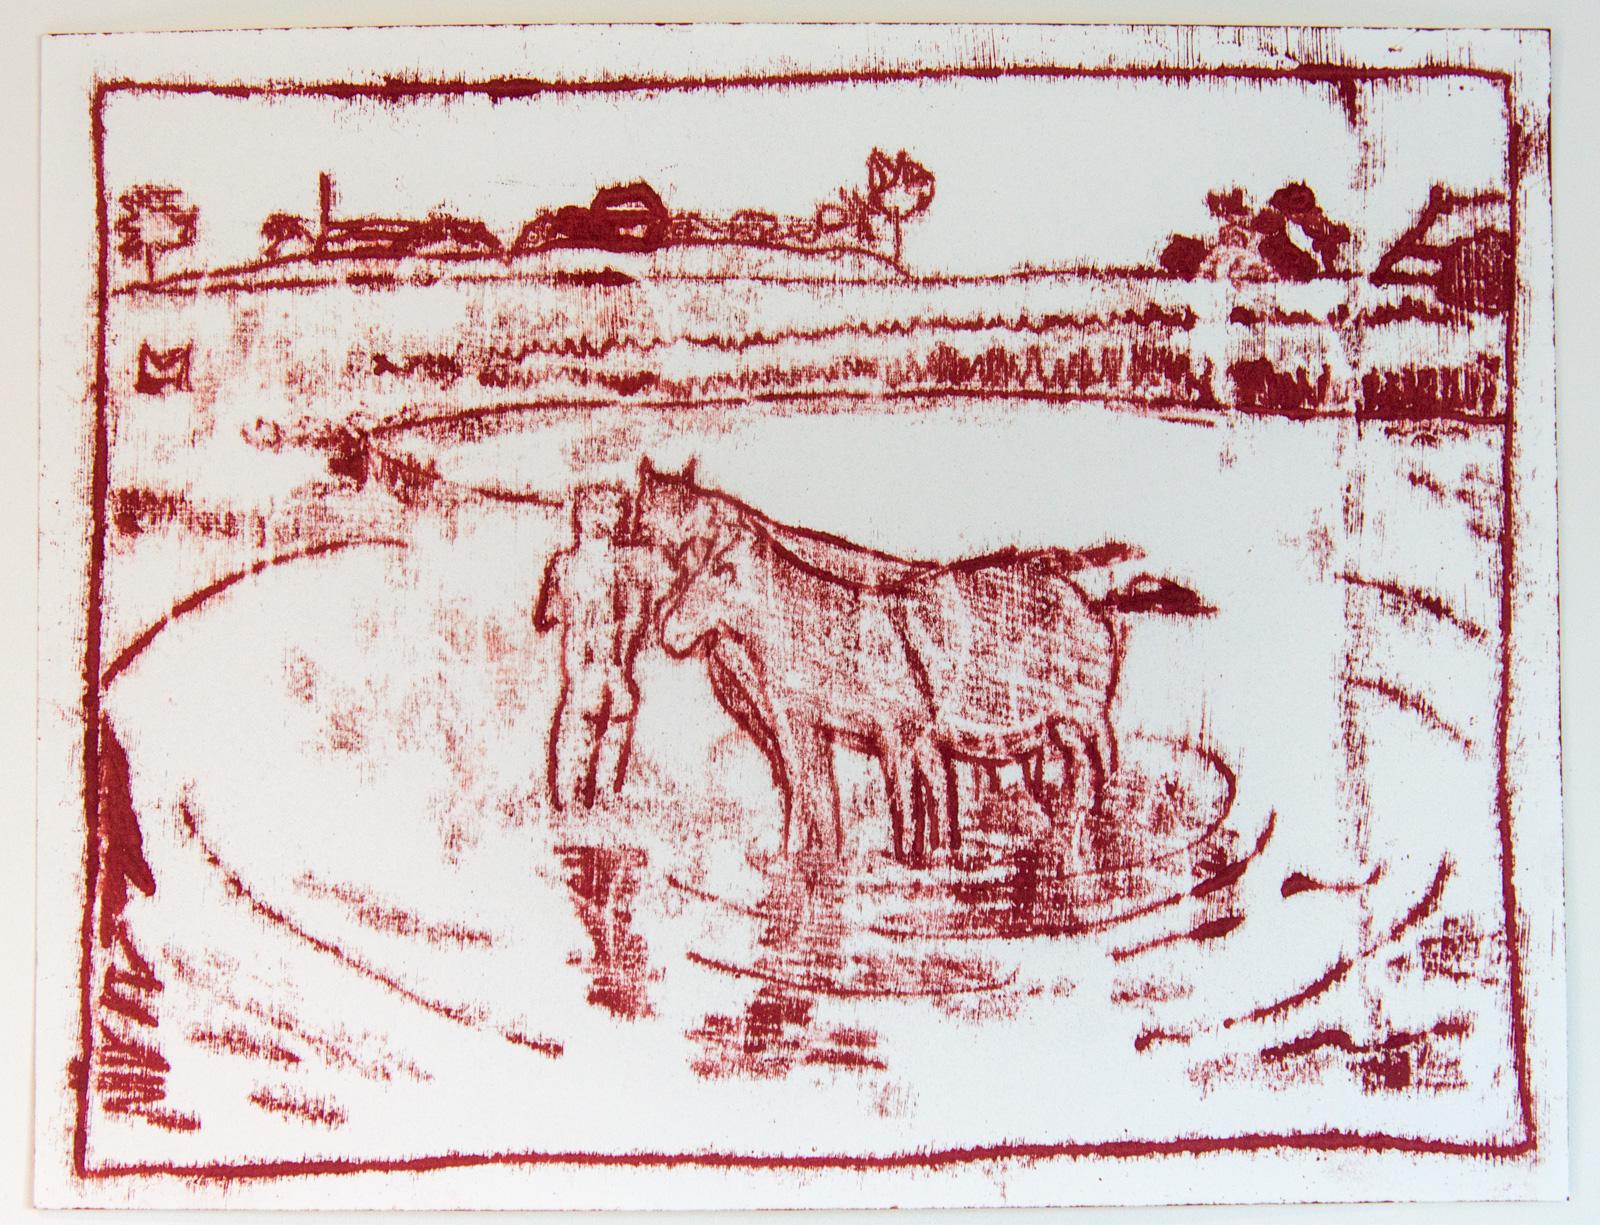 Horse Washing